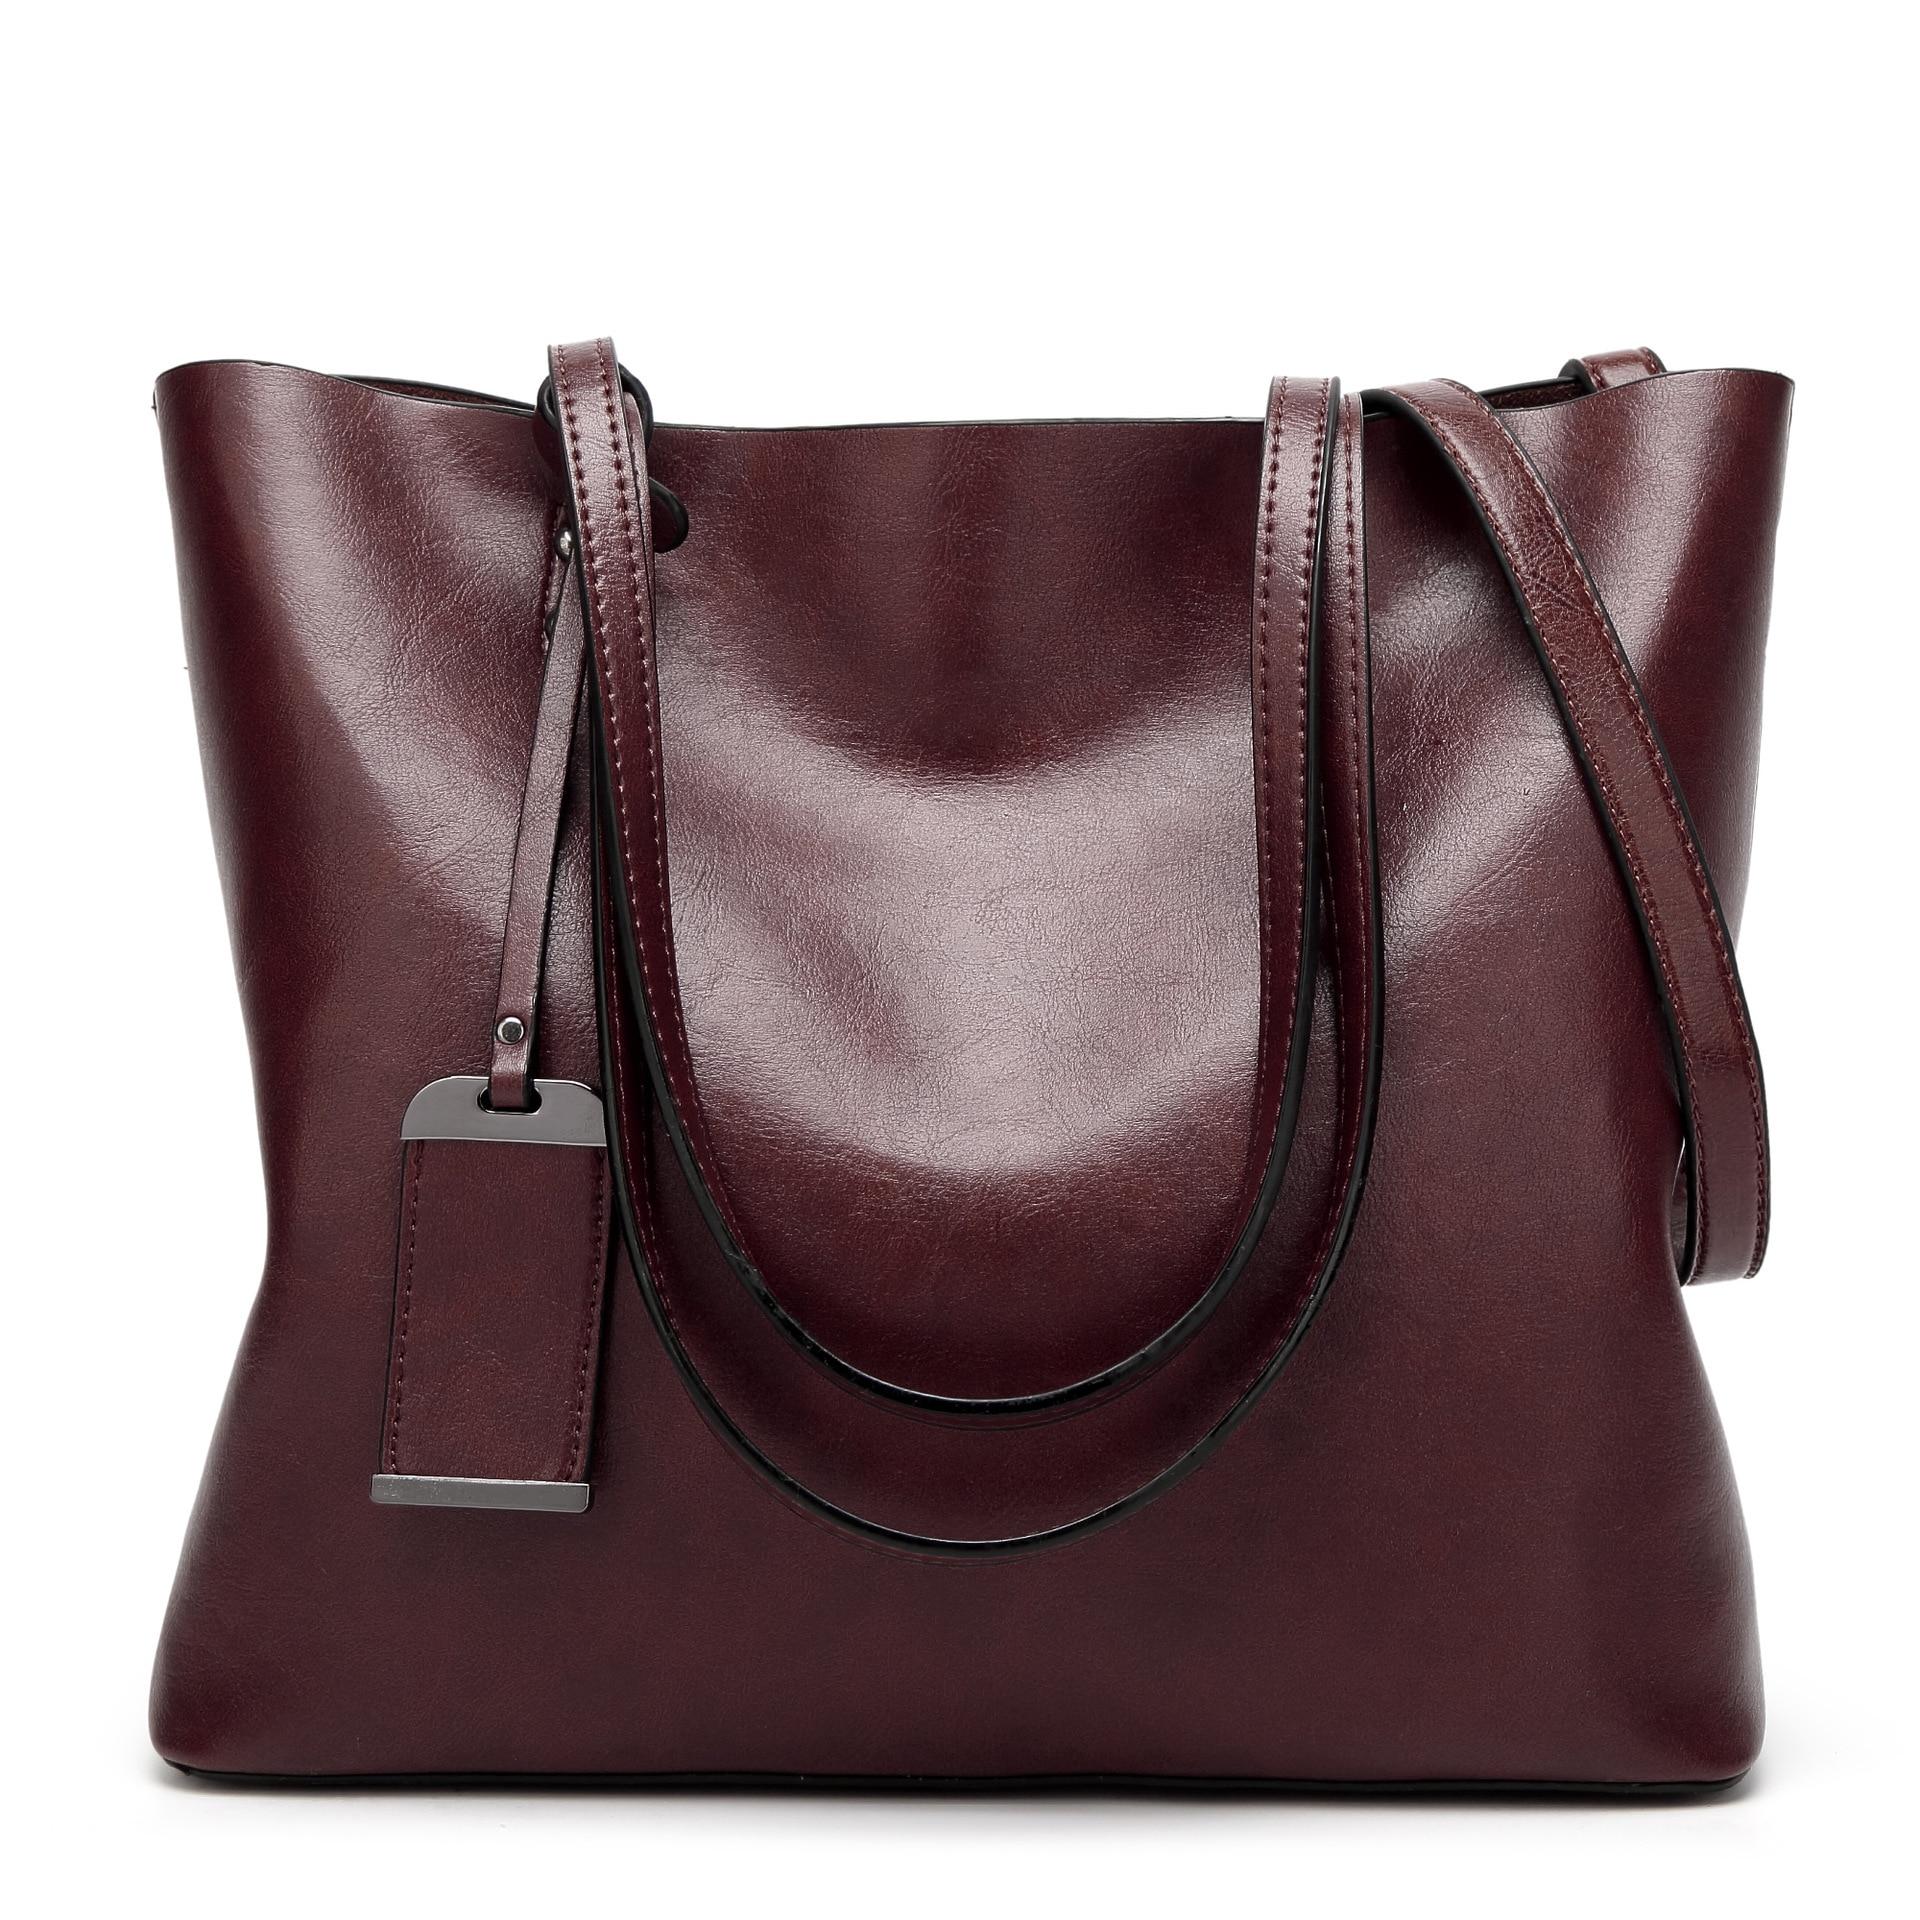 Image 4 - Высокое качество, хит продаж, женские повседневные сумки, масло, воск, кожа, женская сумка на плечо, дизайнерская женская винтажная сумка через плечо, большая C1079-in Сумки с ручками from Багаж и сумки